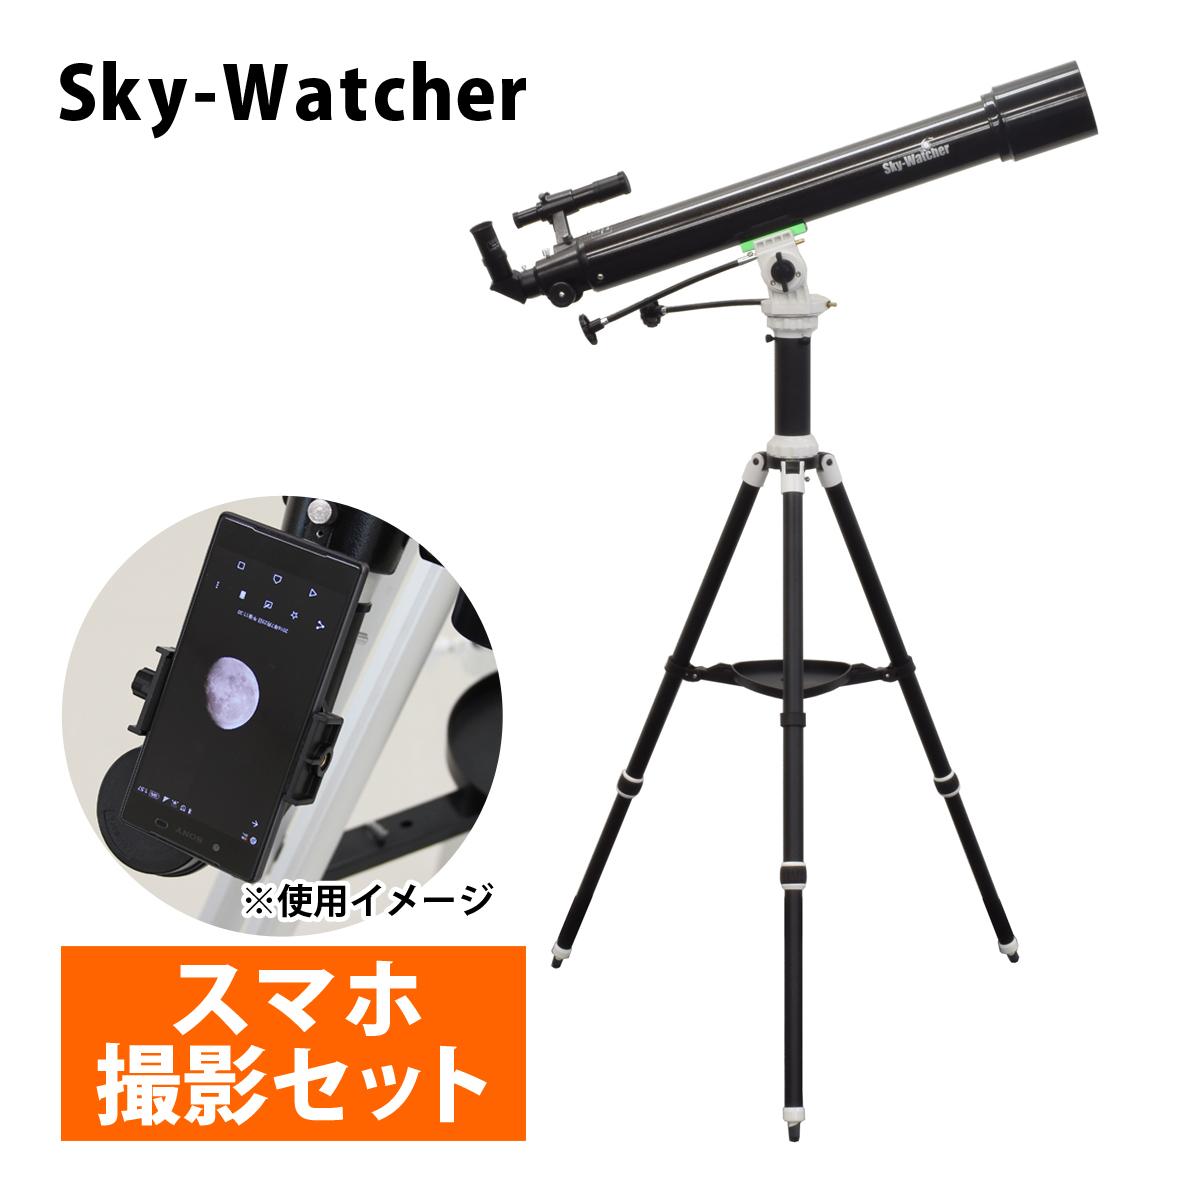 天体望遠鏡 初心者 子供 AZ-PRONTOマウント+90S スマホ撮影セット 屈折式 経緯台 Sky-Wattcher スカイウォッチャー Sightron サイトロン クリスマスプレゼント